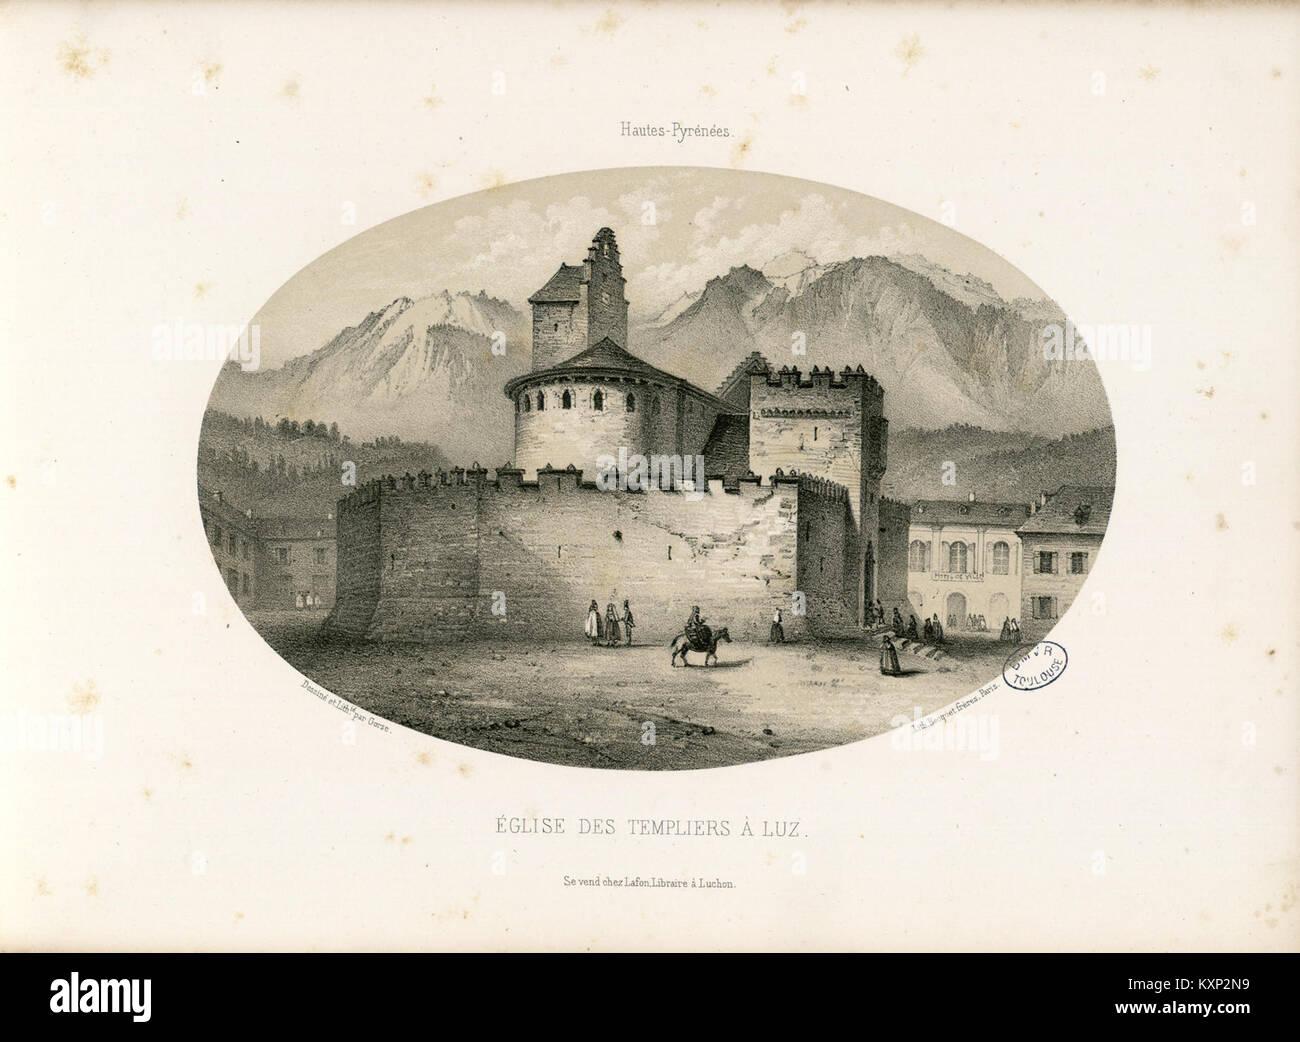 Eglise des Templiers à Luz (Hautes-Pyrénées) - Fonds Ancely - B315556101 A GORSE 1 013 - Stock Image